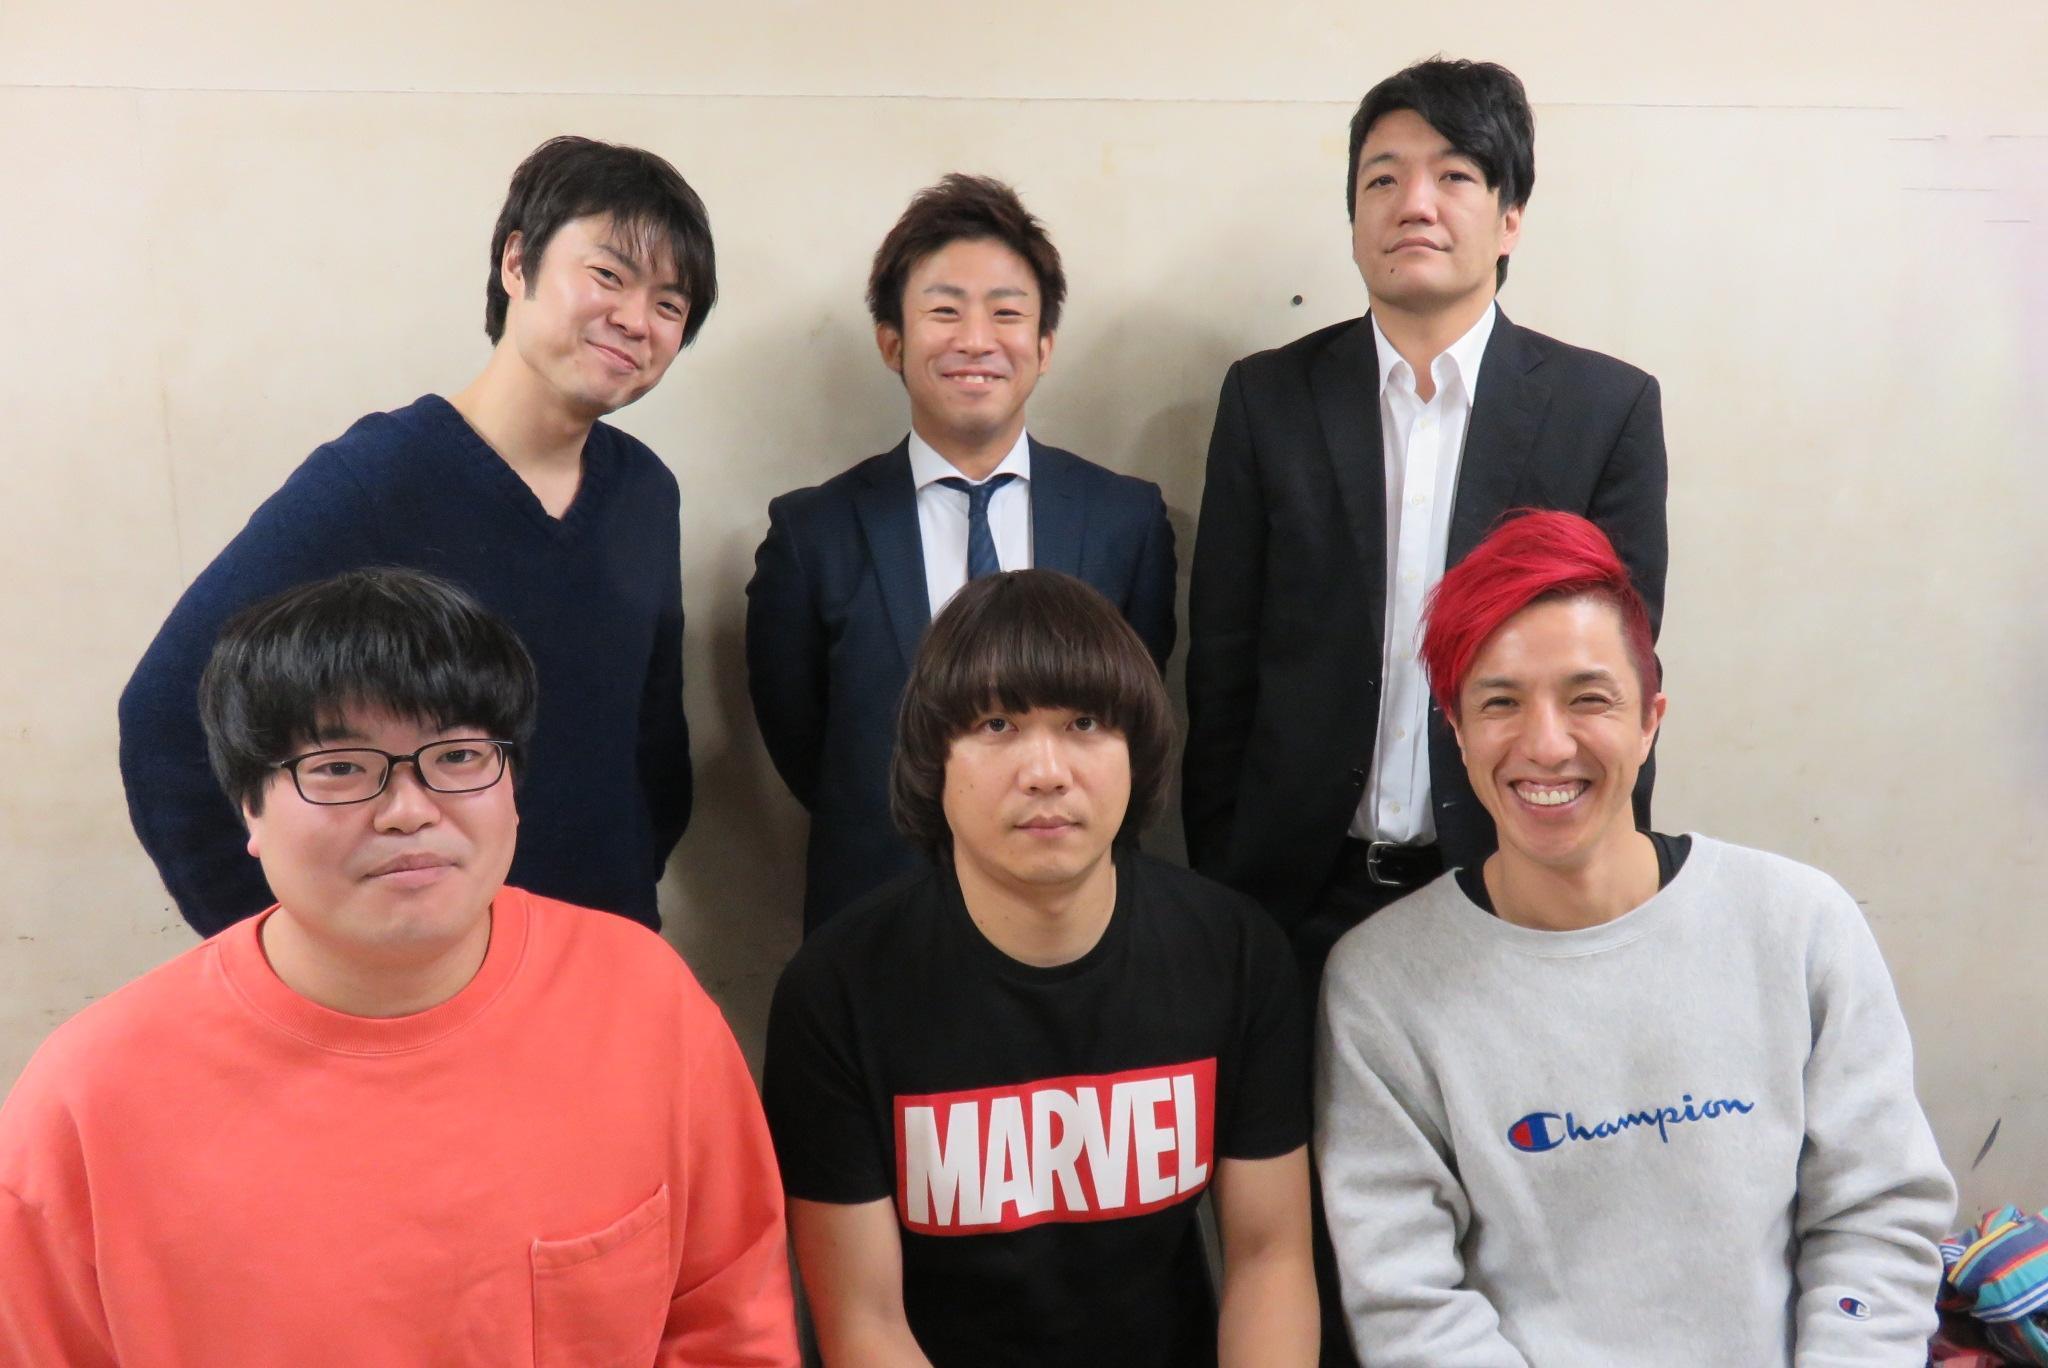 http://news.yoshimoto.co.jp/20170331233447-7e0f2785d063bf8e1f7e8541a5978551087a2ea7.jpg